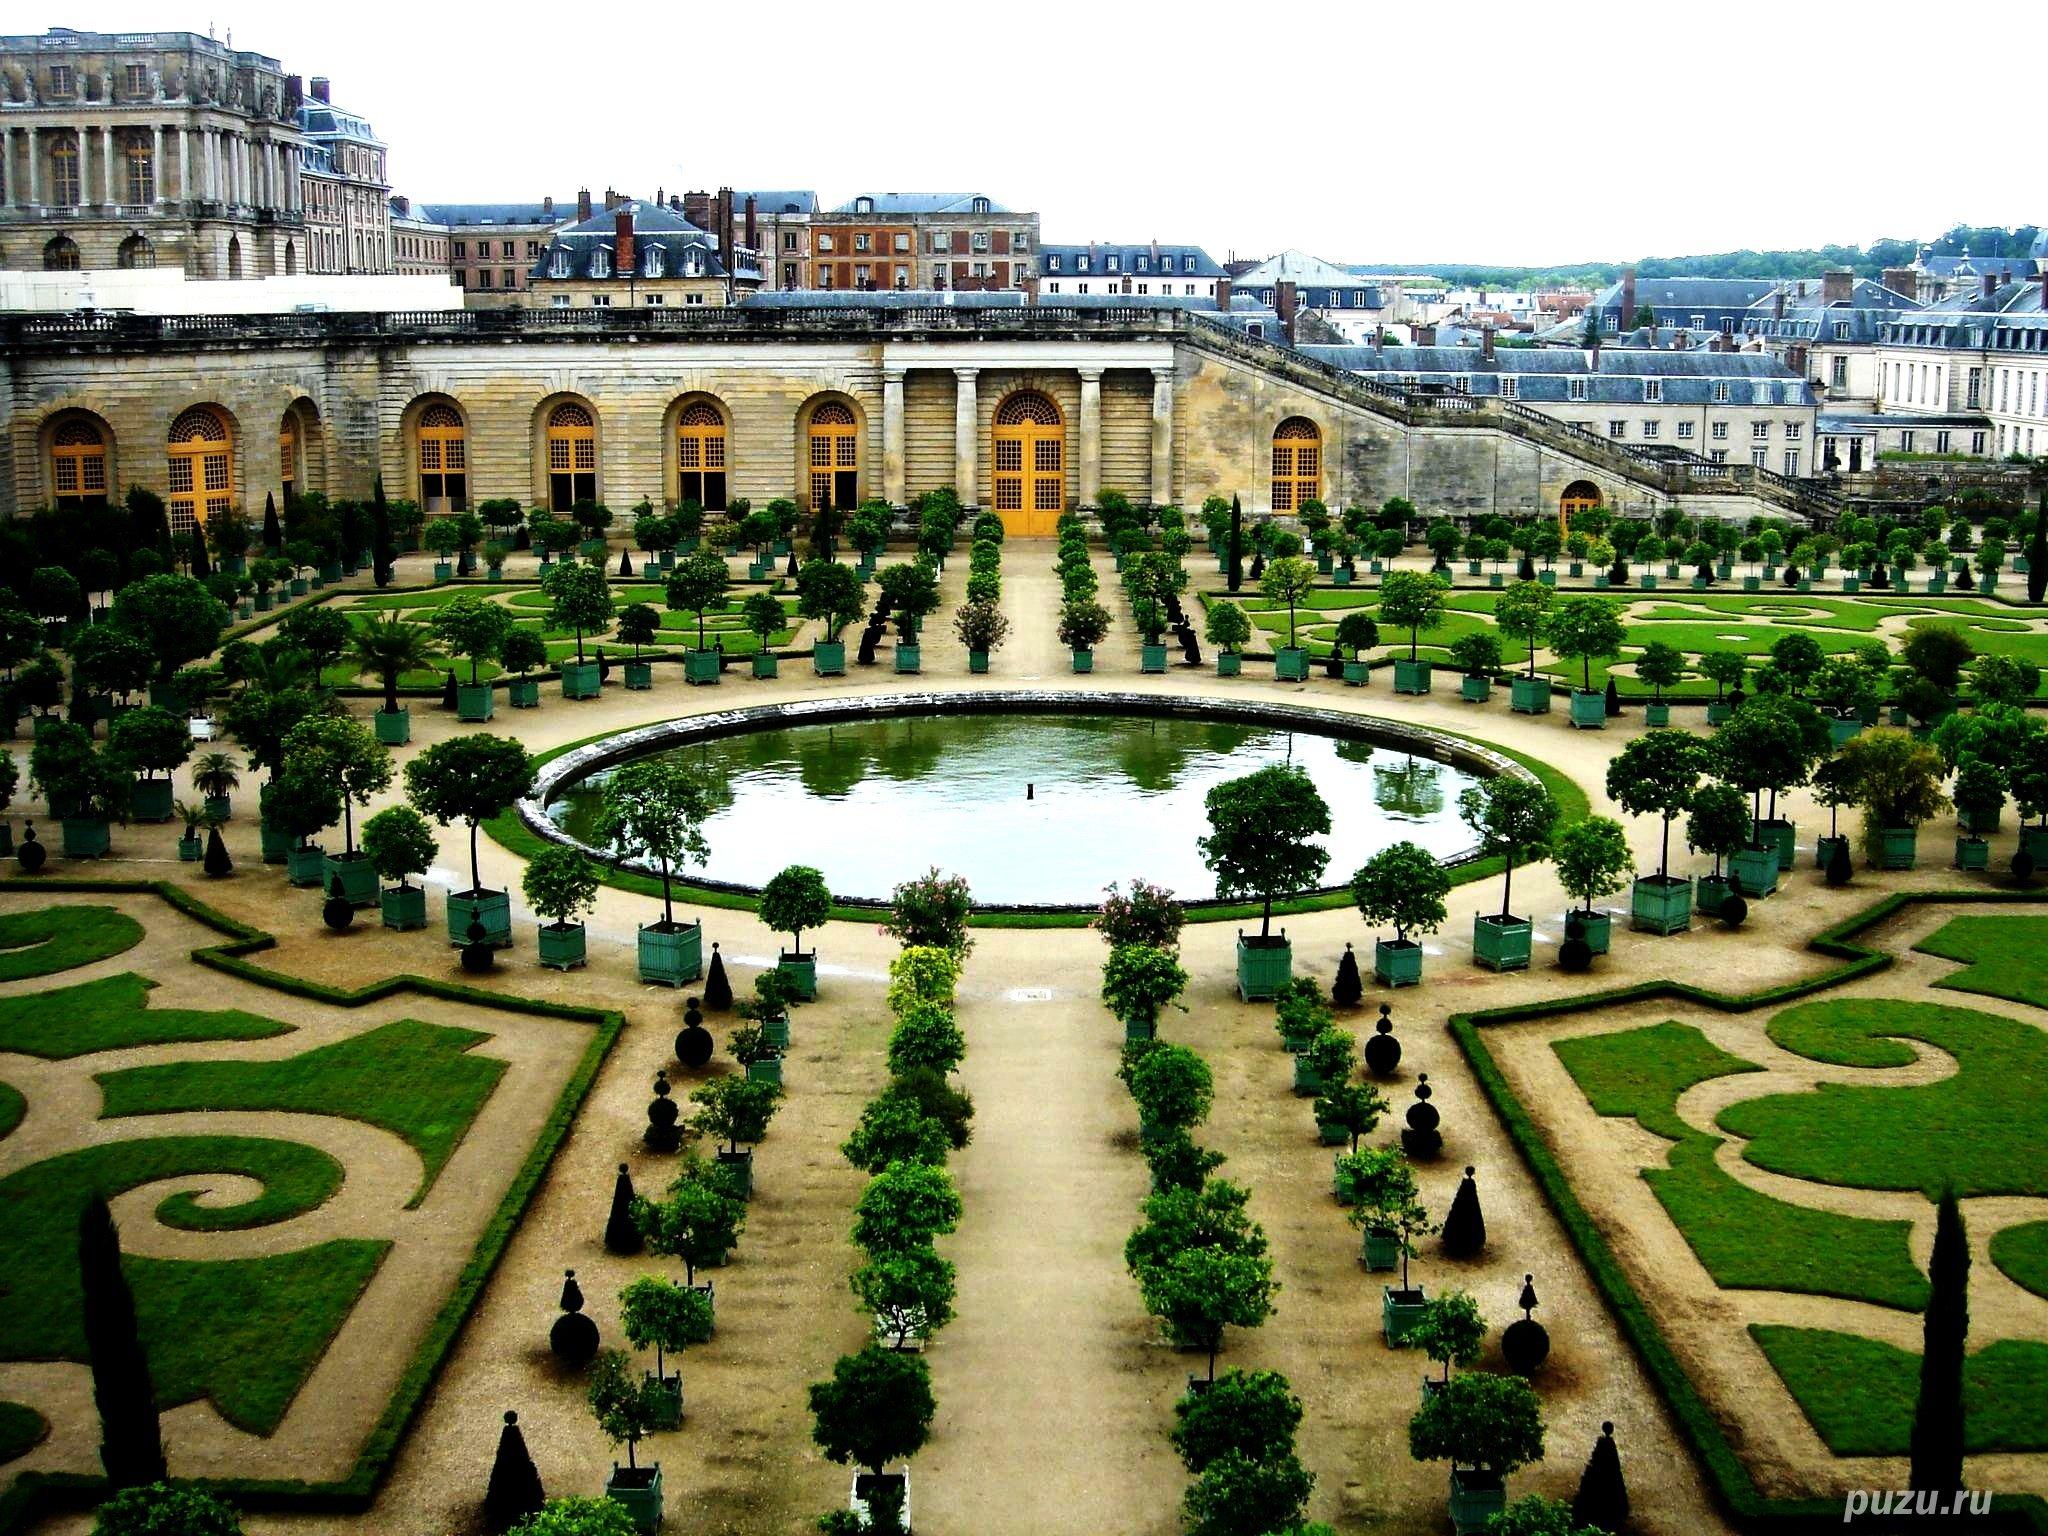 Сады_Версаля_Версальского_дворца_вид_сверху